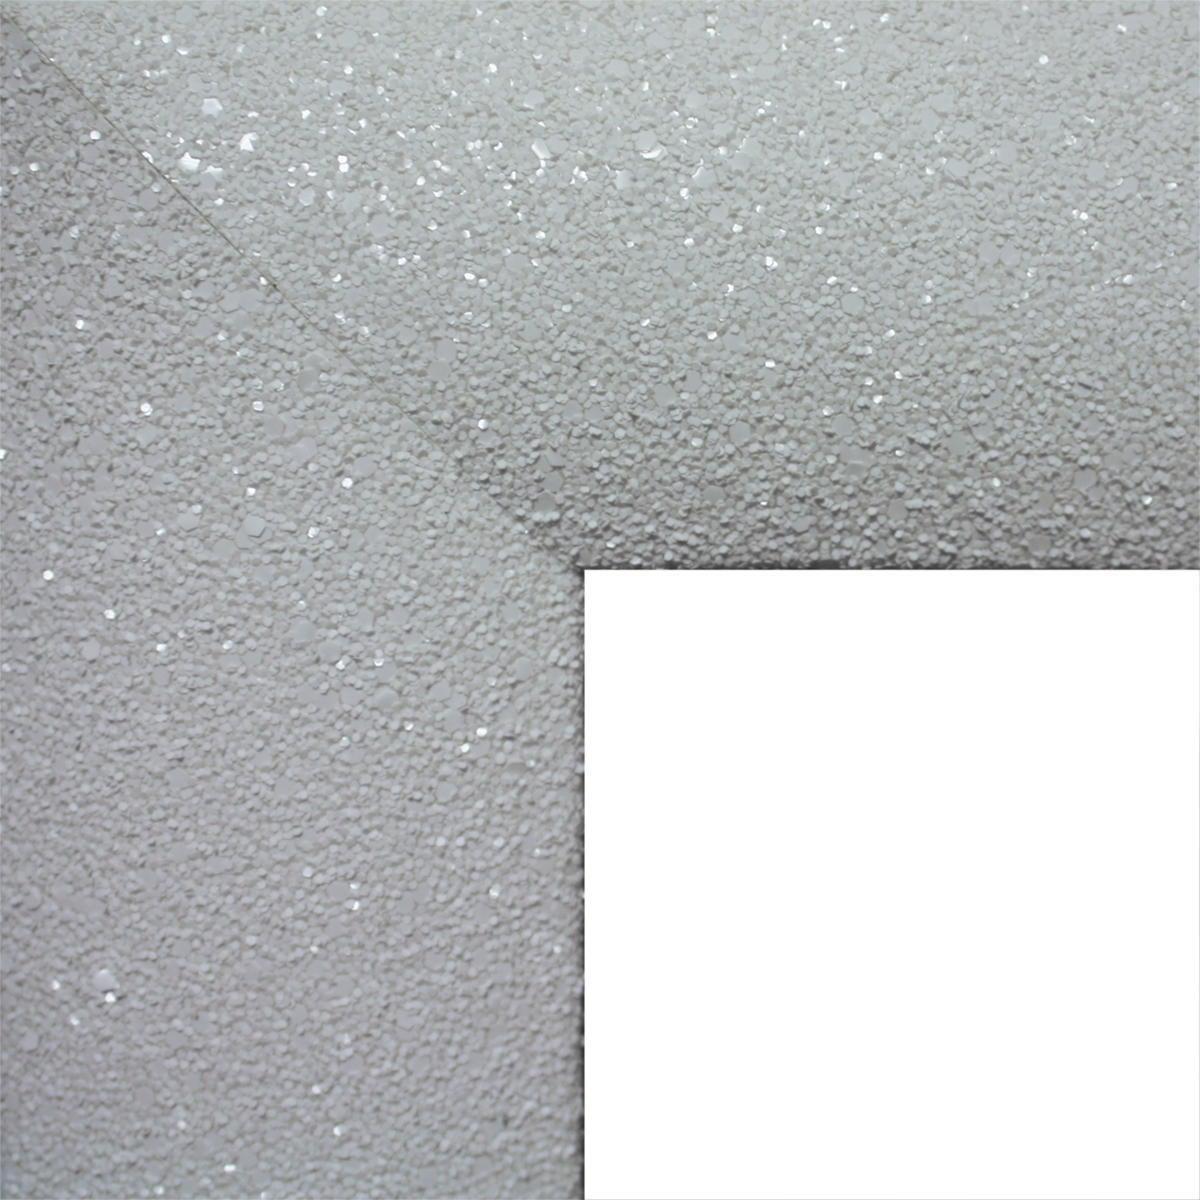 Specchio a parete rettangolare Glitterata bianco 60x90 cm - 2